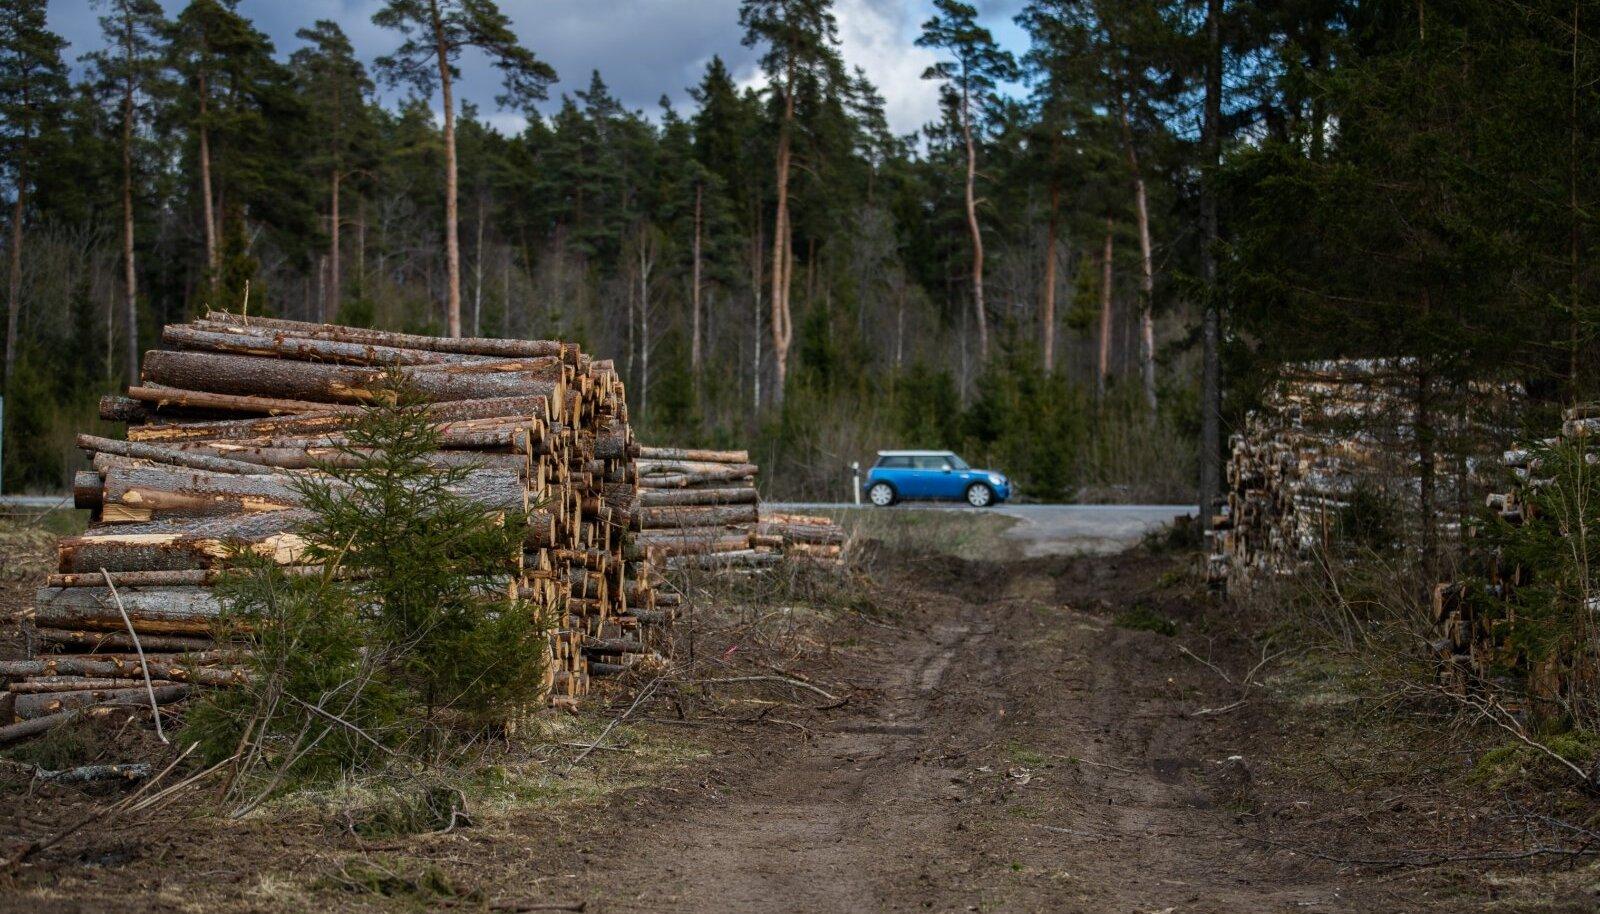 Keskkonnaühendused ütlevad, et vajaduse korral võiks põletada puidutööstuse jääke või puidulisi jäätmeid. Sirgest ümarpalgist oskab eestlane ka kõrget lisandväärtust pakkuvat mööblit või maja meisterdada.